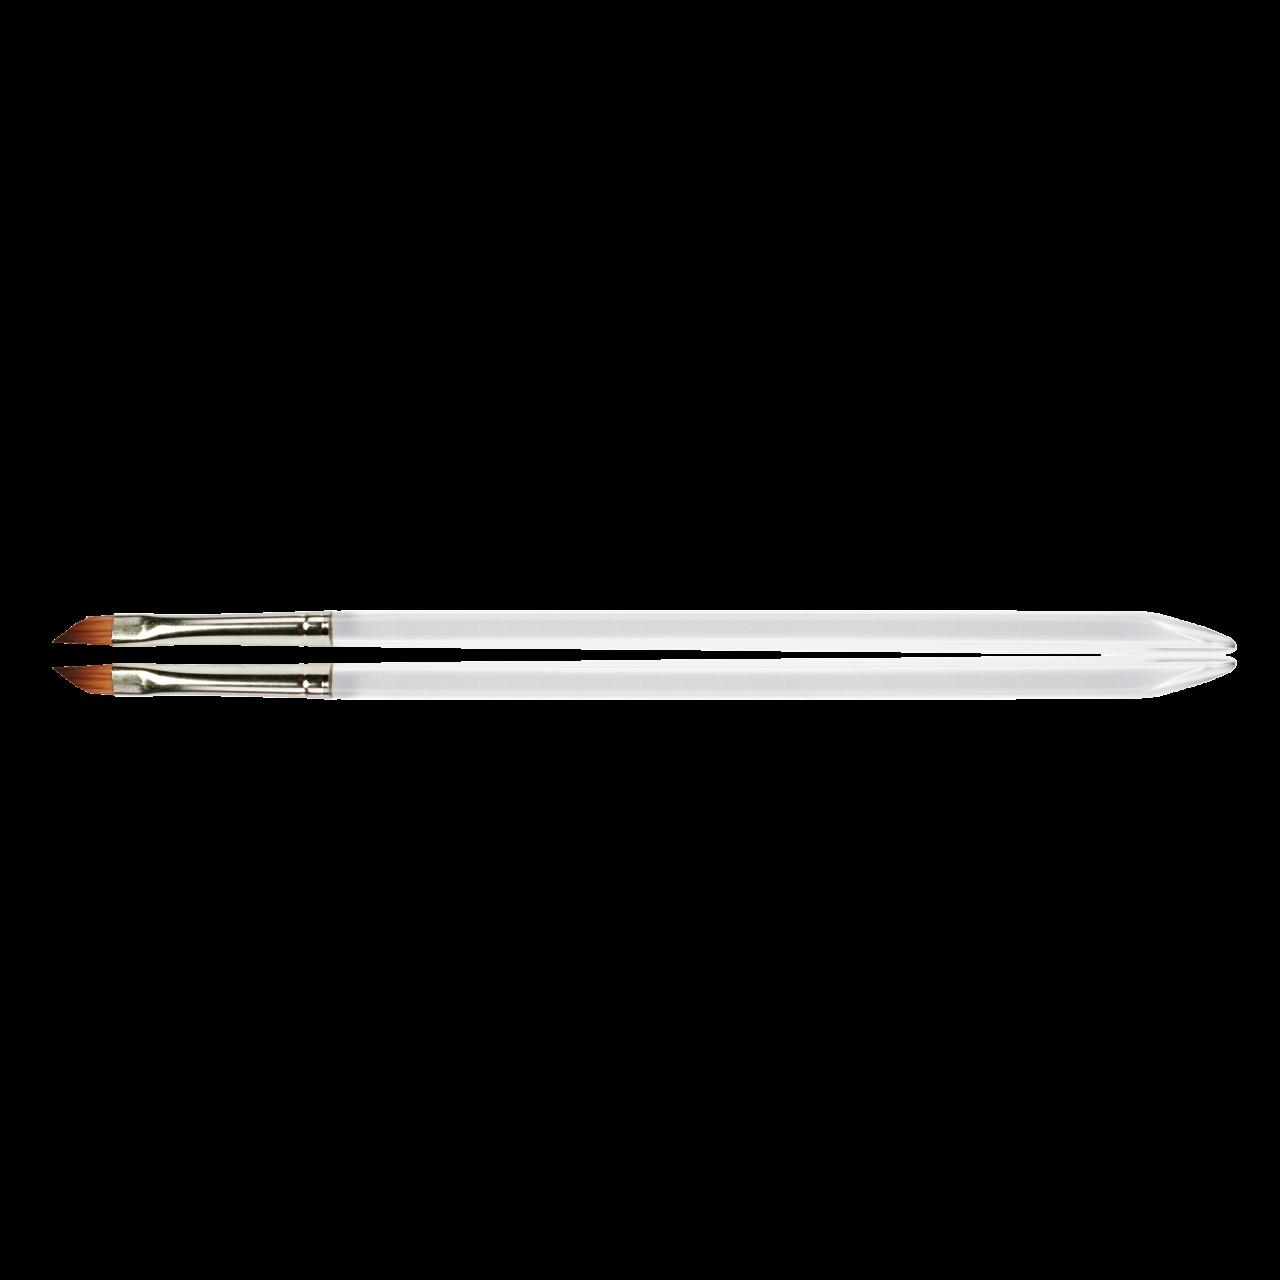 Gel-Modellage-Pinsel Gr.5 gerade/flach